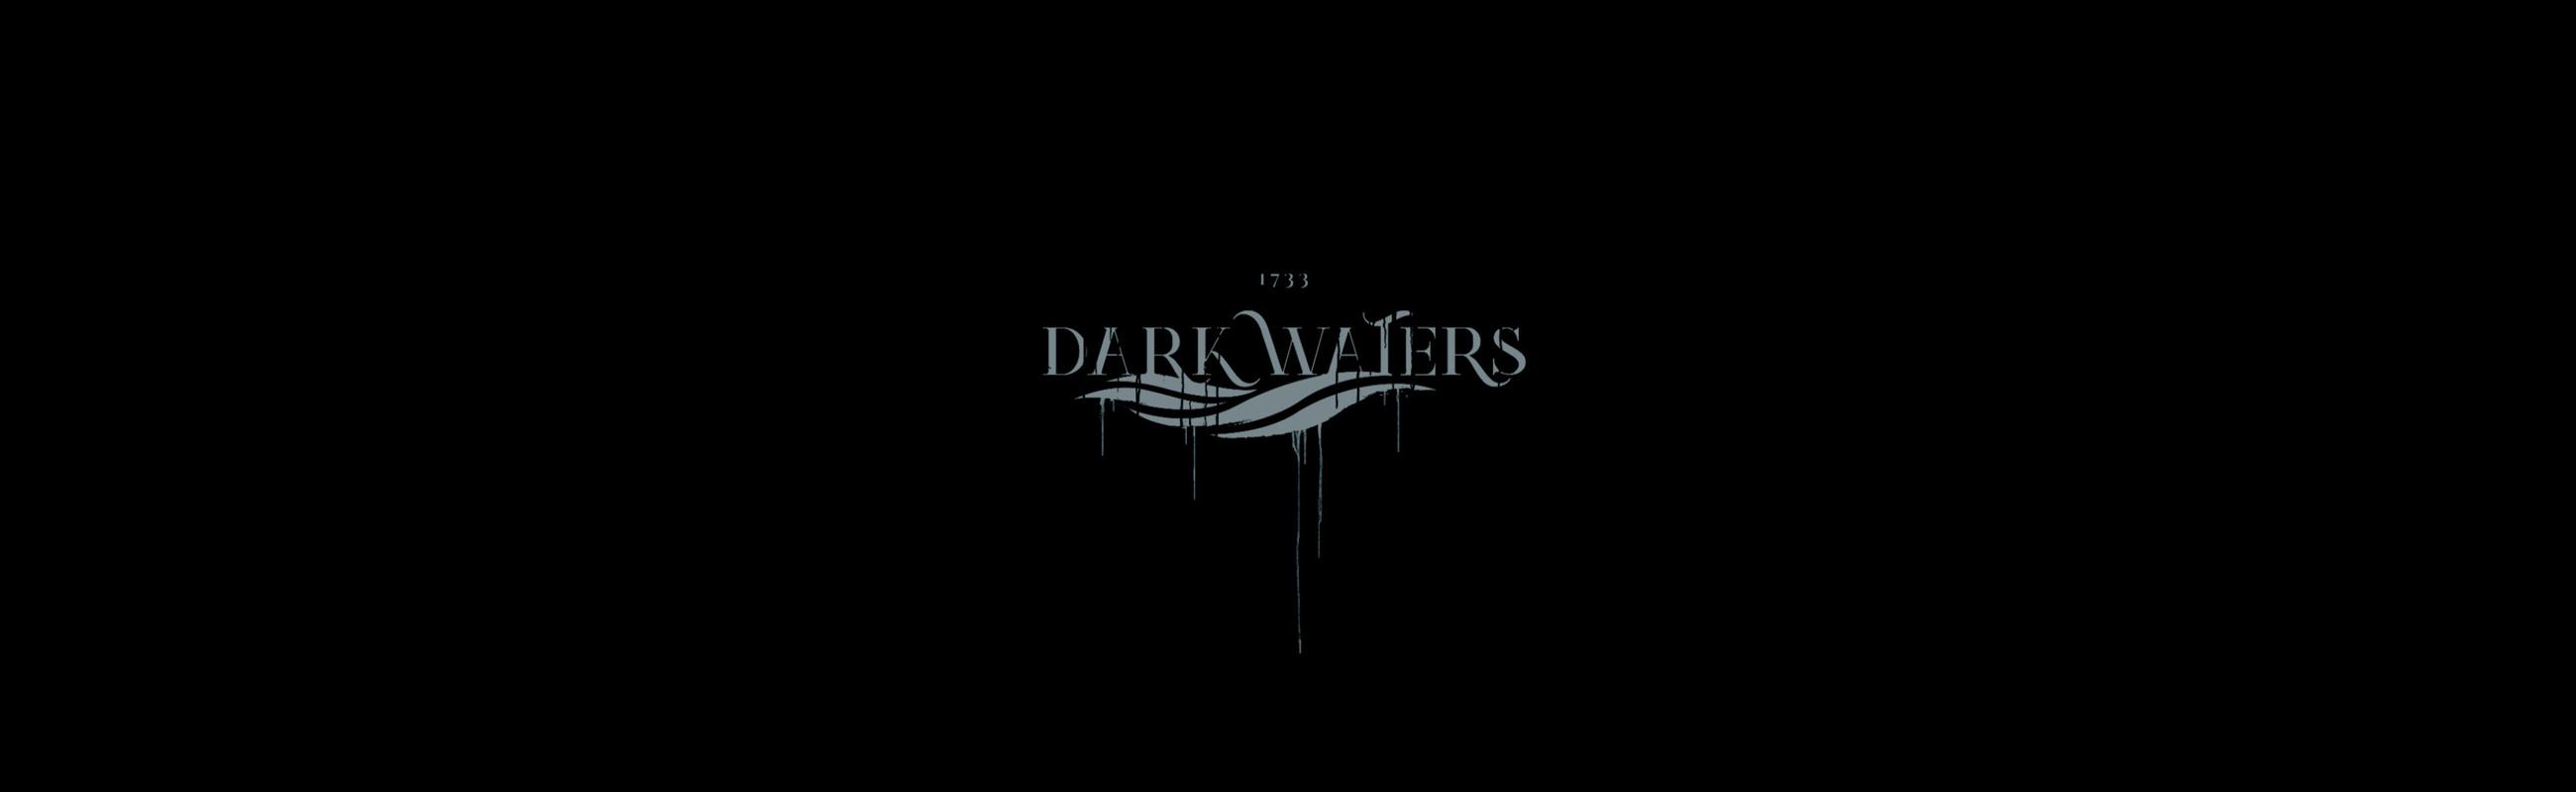 dark-waters-1